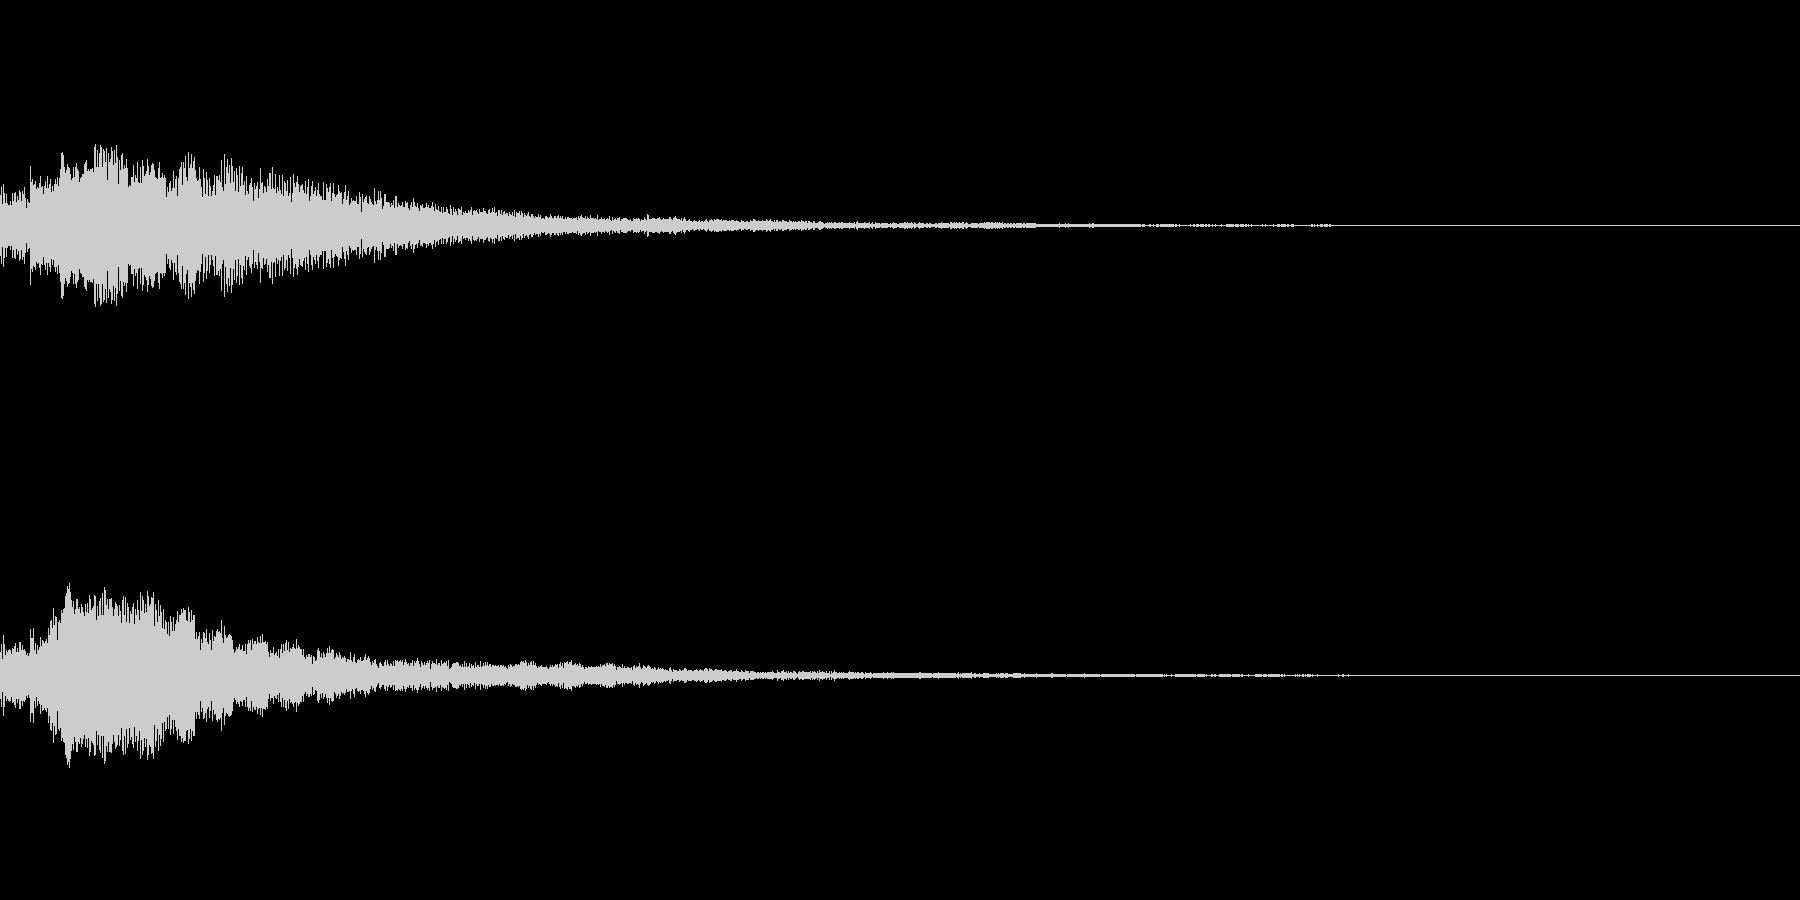 しゃらん♪ (連鎖05)の未再生の波形